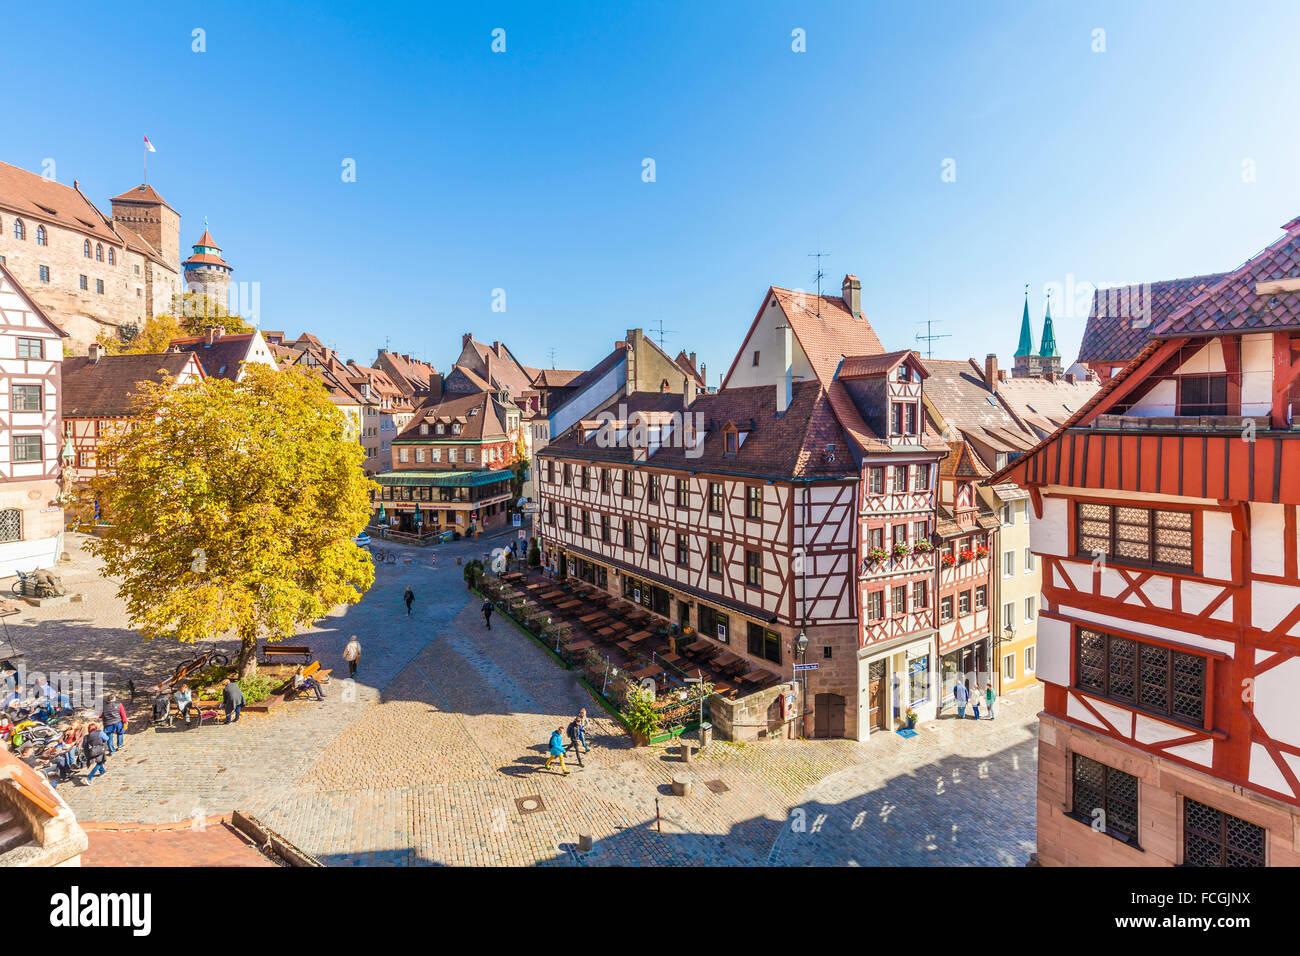 Deutschland Bayern Nürnberg alte Stadt Albrecht-Dürer-Haus richtige Nürnberger Burg und Tiergaertnertorplatz Stockbild